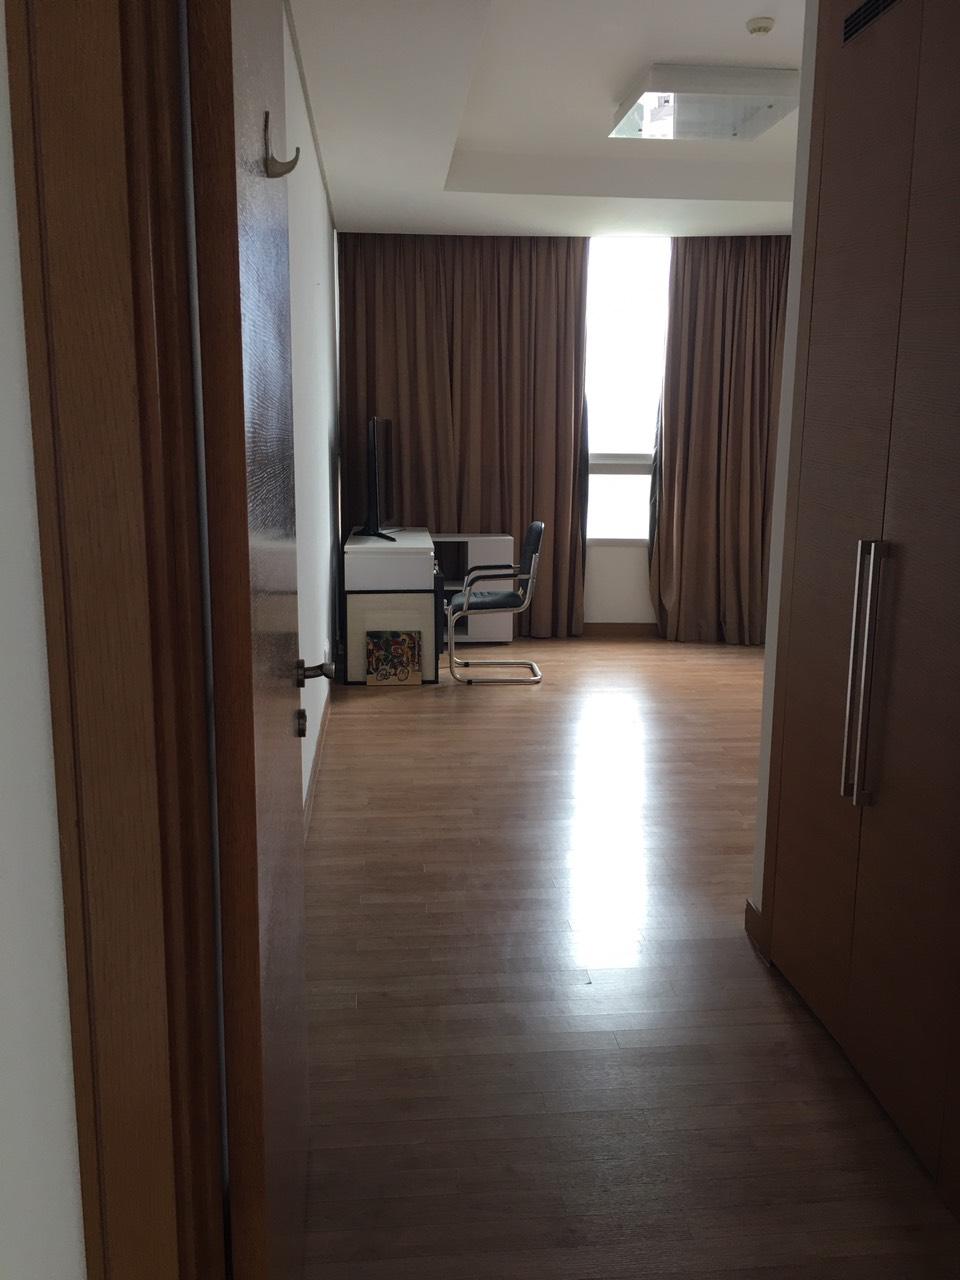 Cho Thuê Căn hộ 3 PN Xi Riverview Palace - Phòng Khách Có View Sông Siêu Đẹp -13